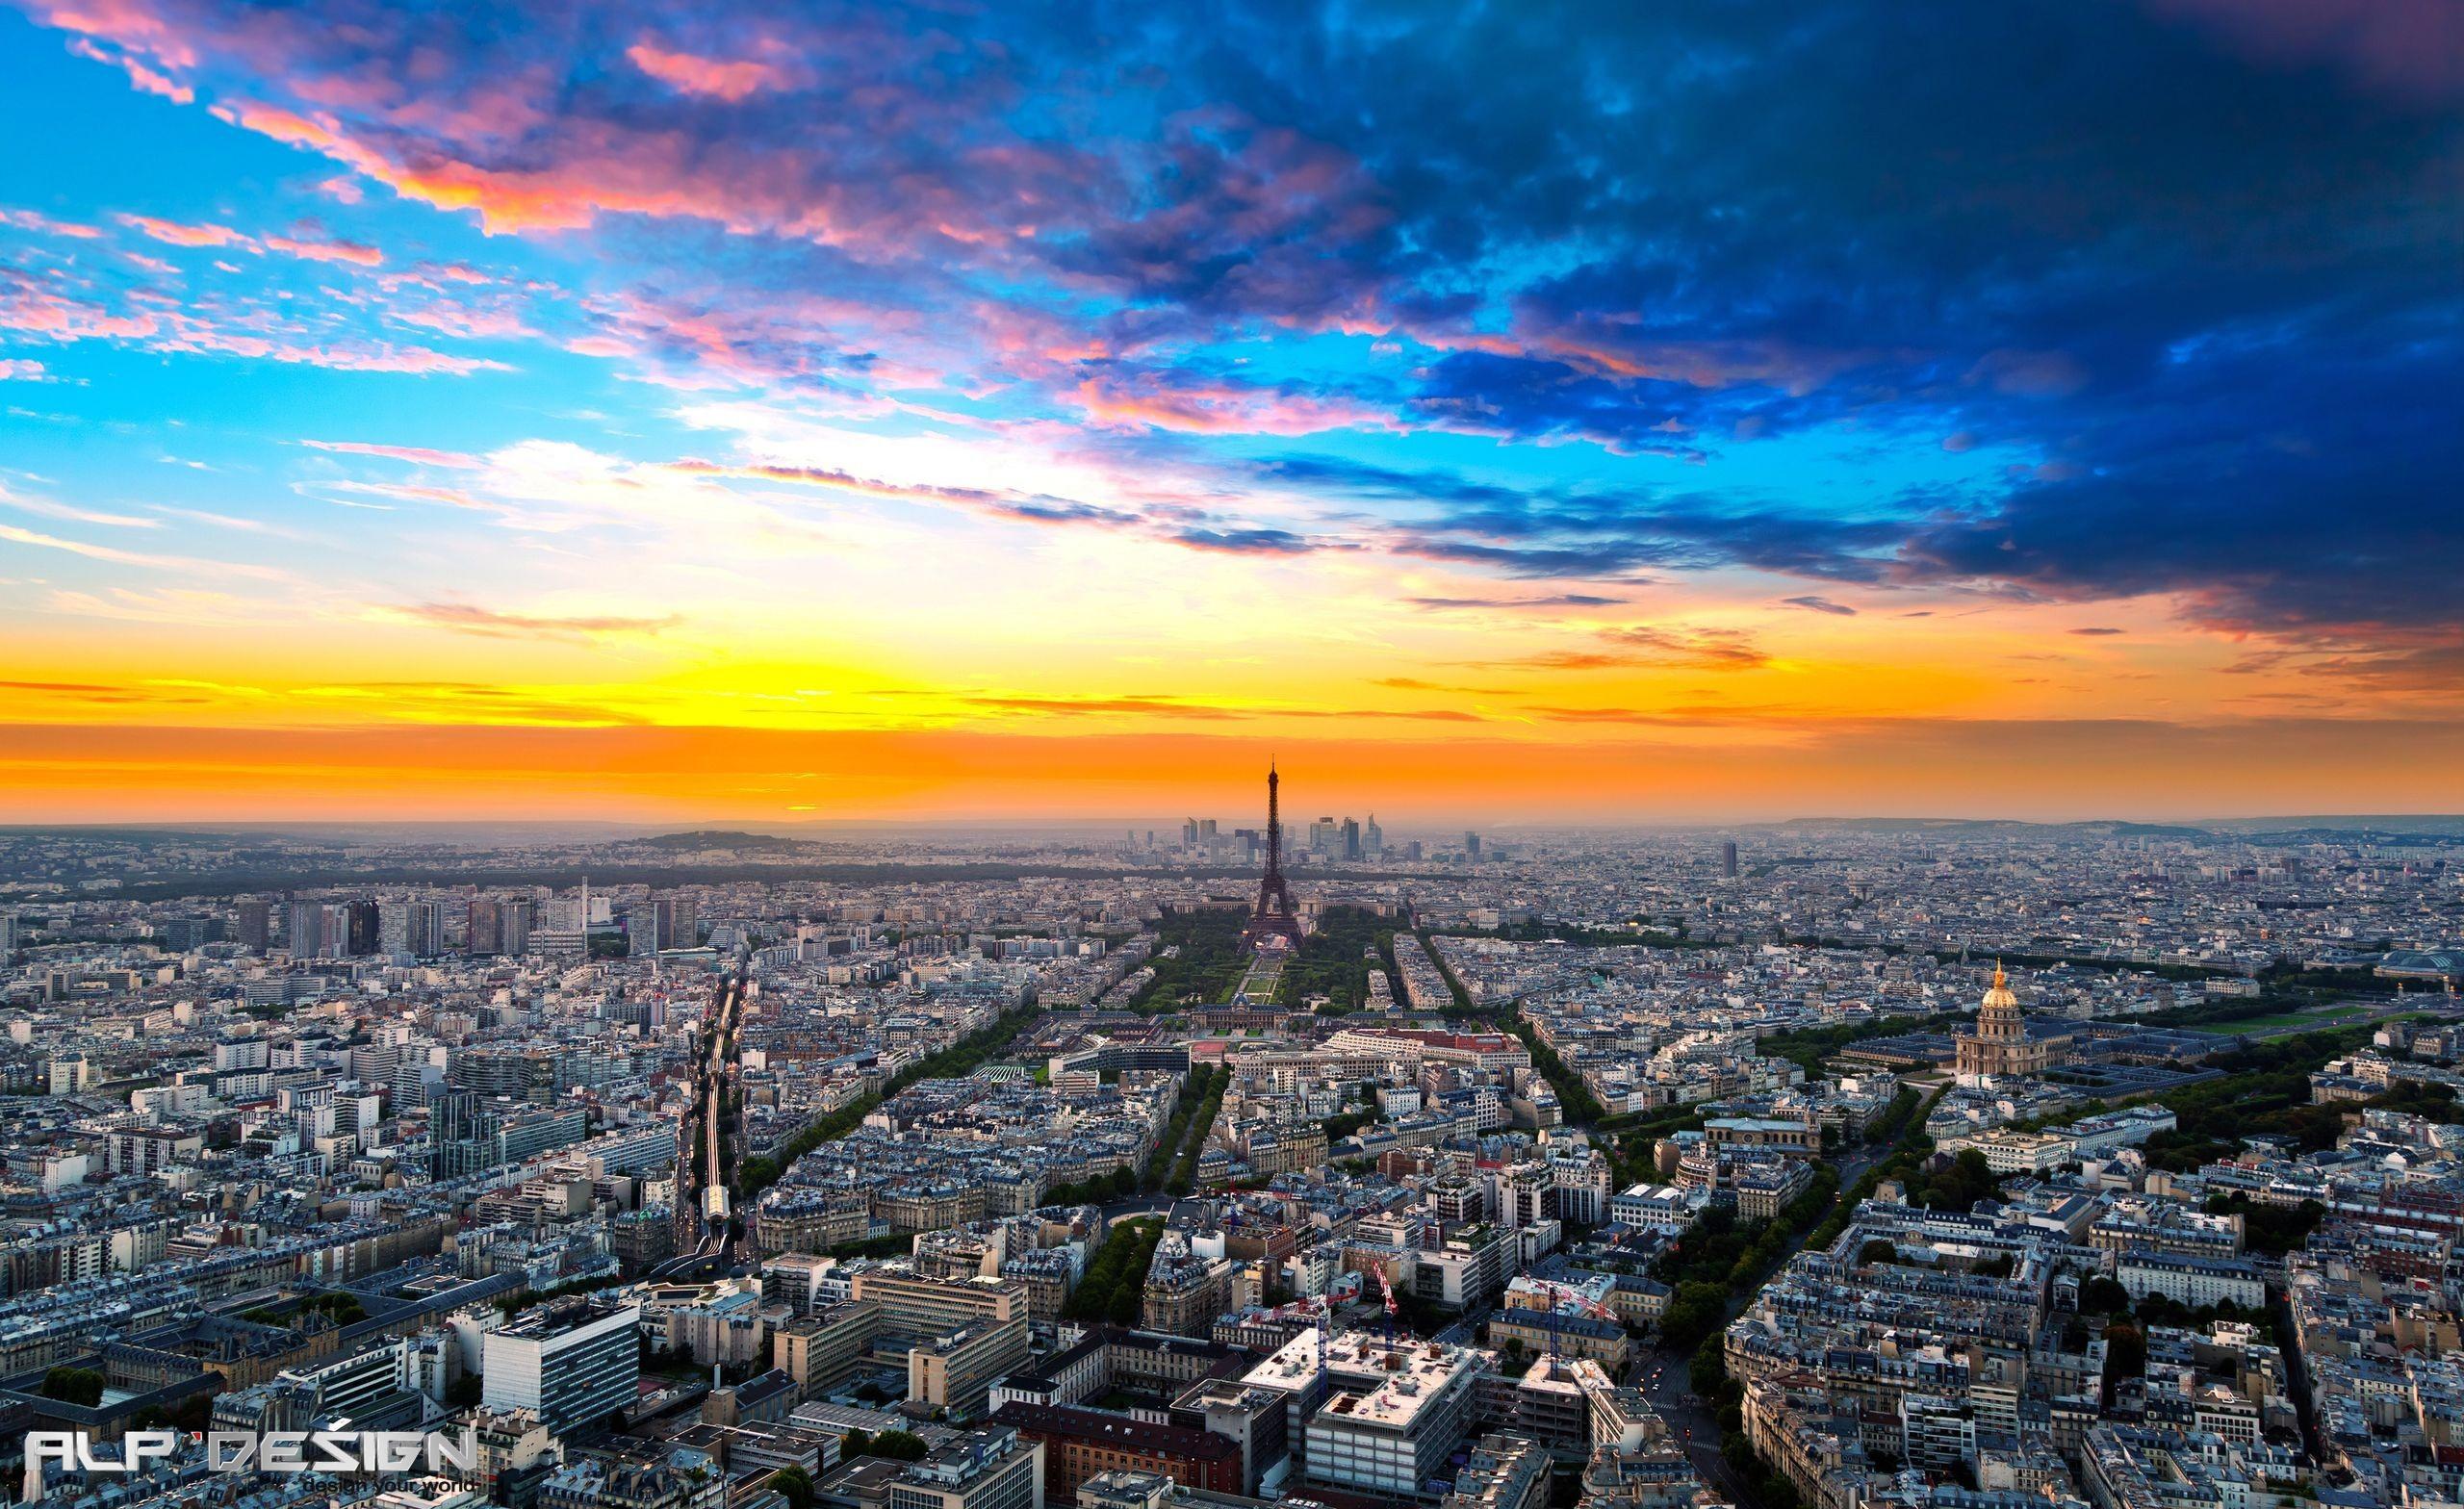 Paris by Alp-design